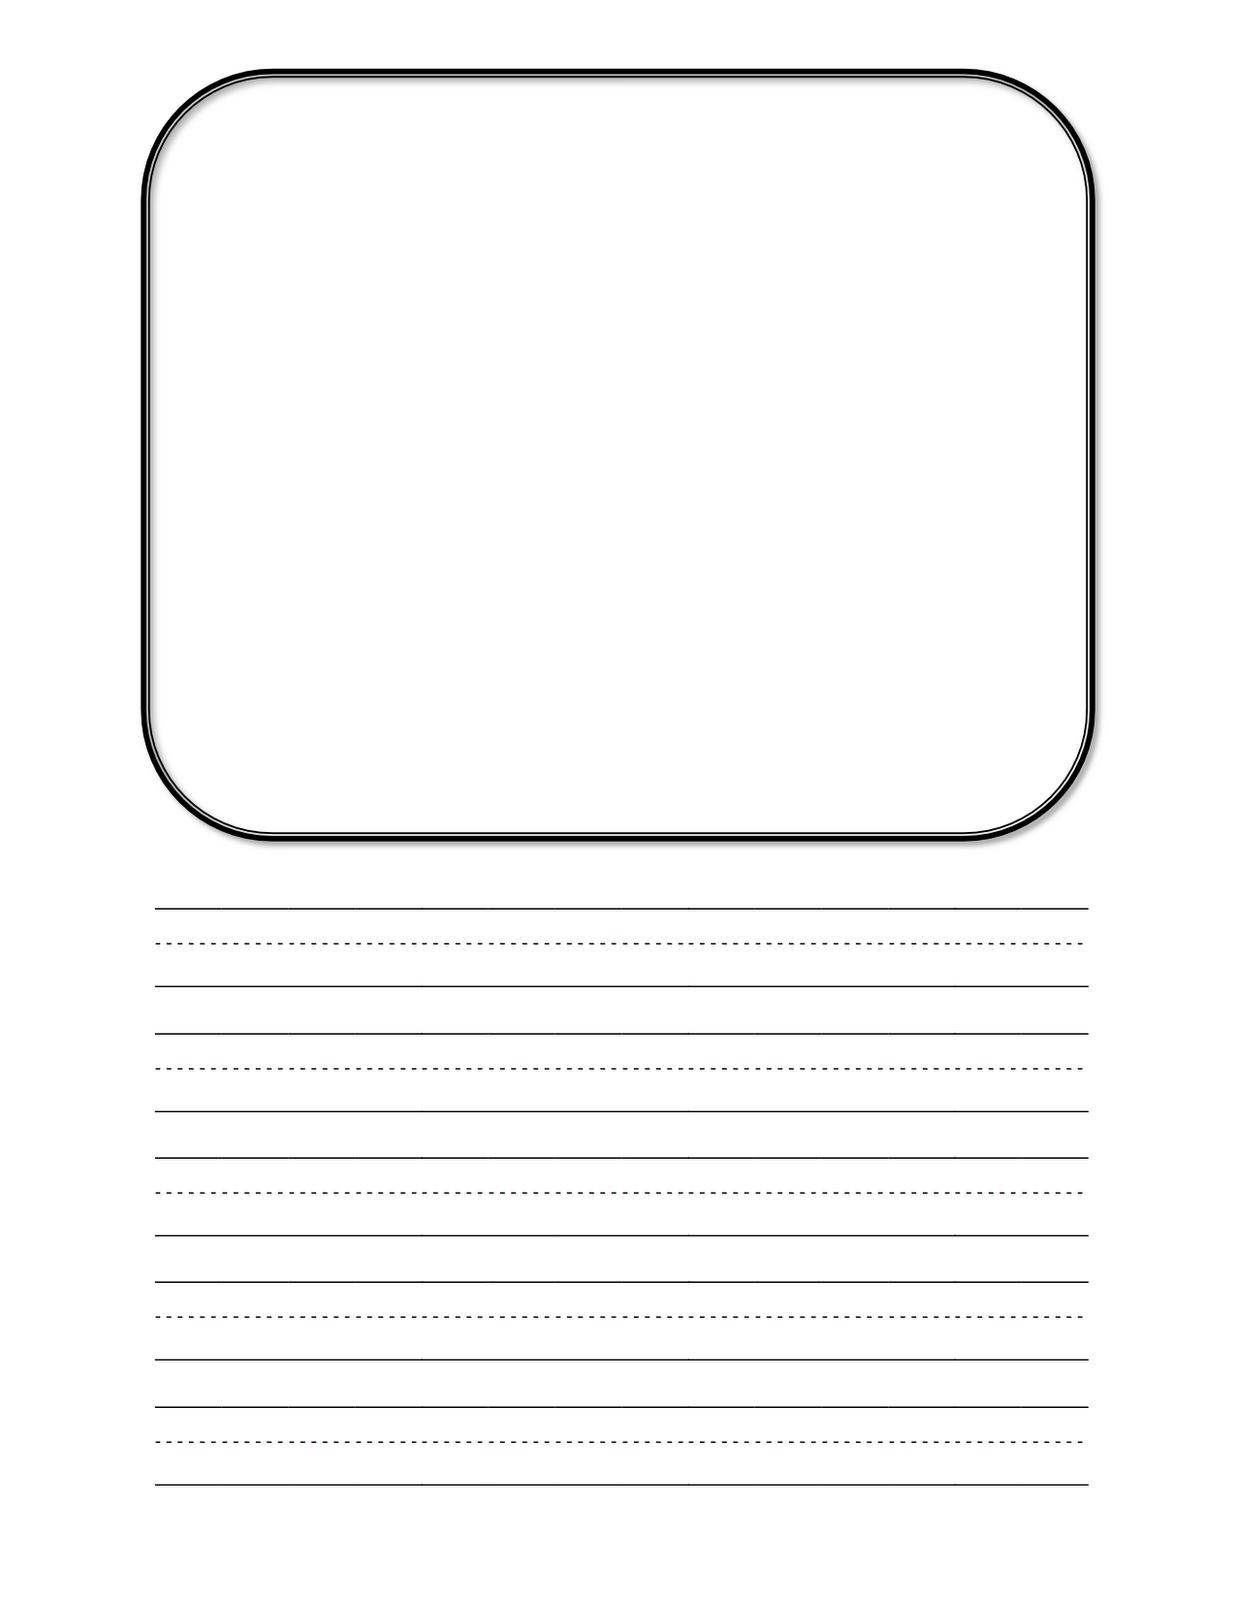 worksheet amazing handwriting worksheet worksheet and worksheet amazing handwriting worksheet writing page online ipgproje com handwriting worksheets worksheets